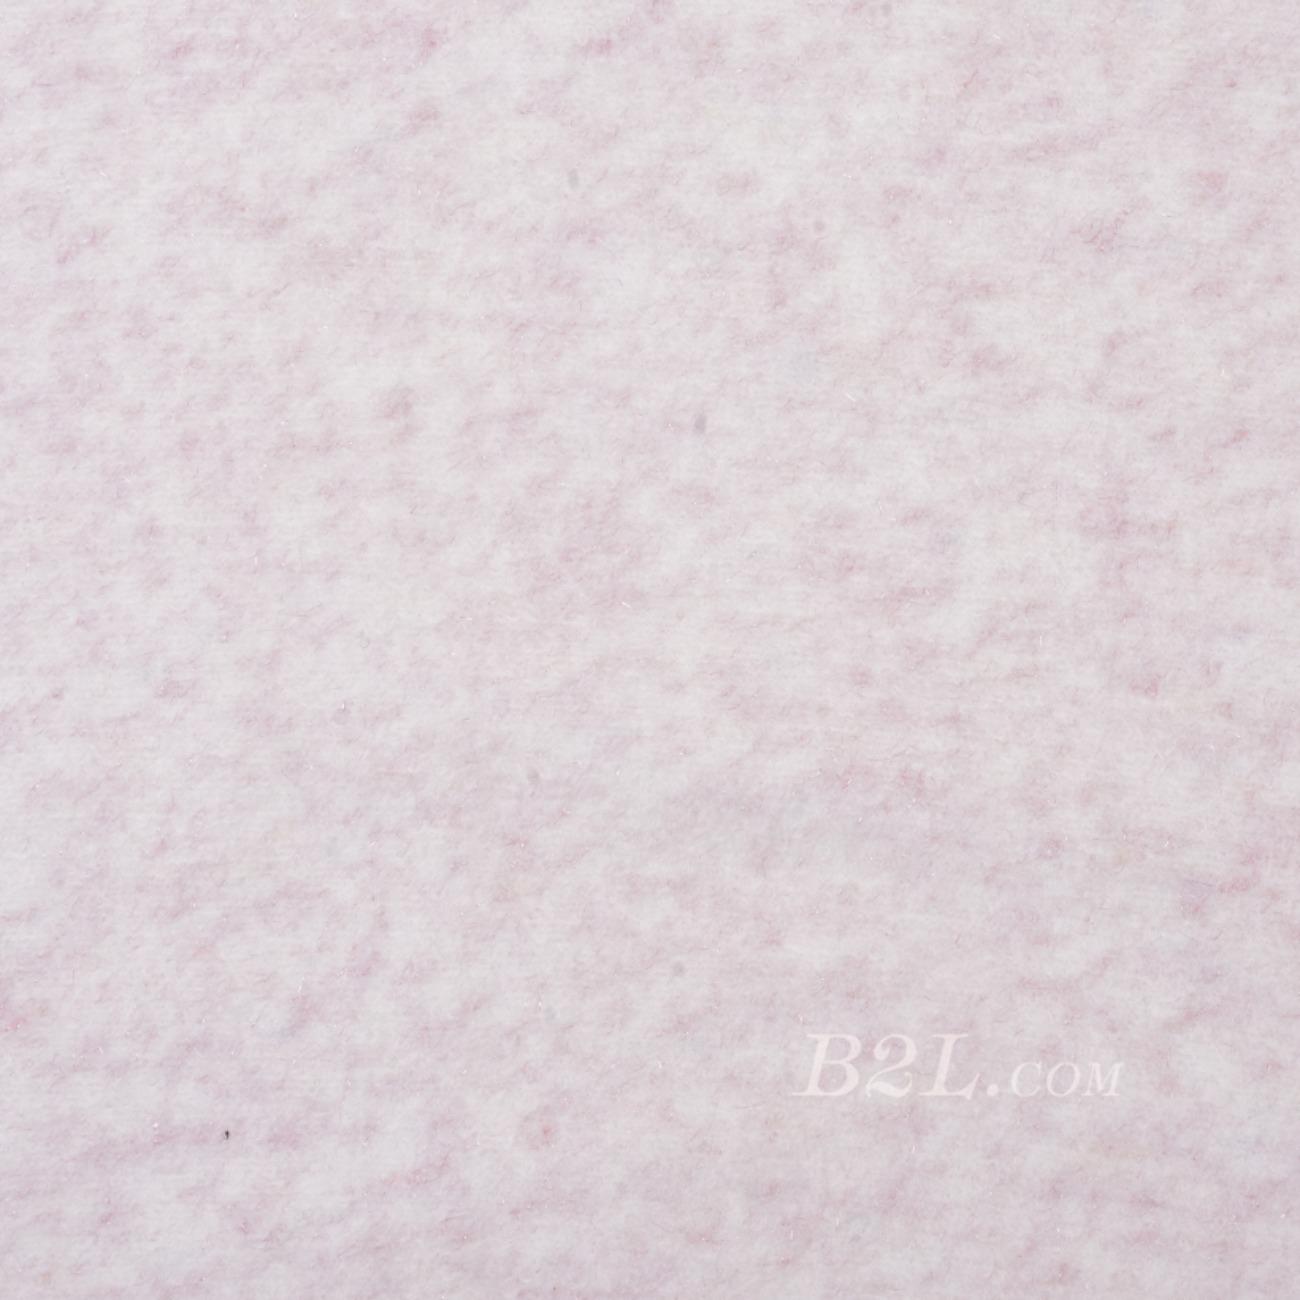 毛纺 梭织 染色 羊毛 秋冬 大衣 外套 时装 91004-8